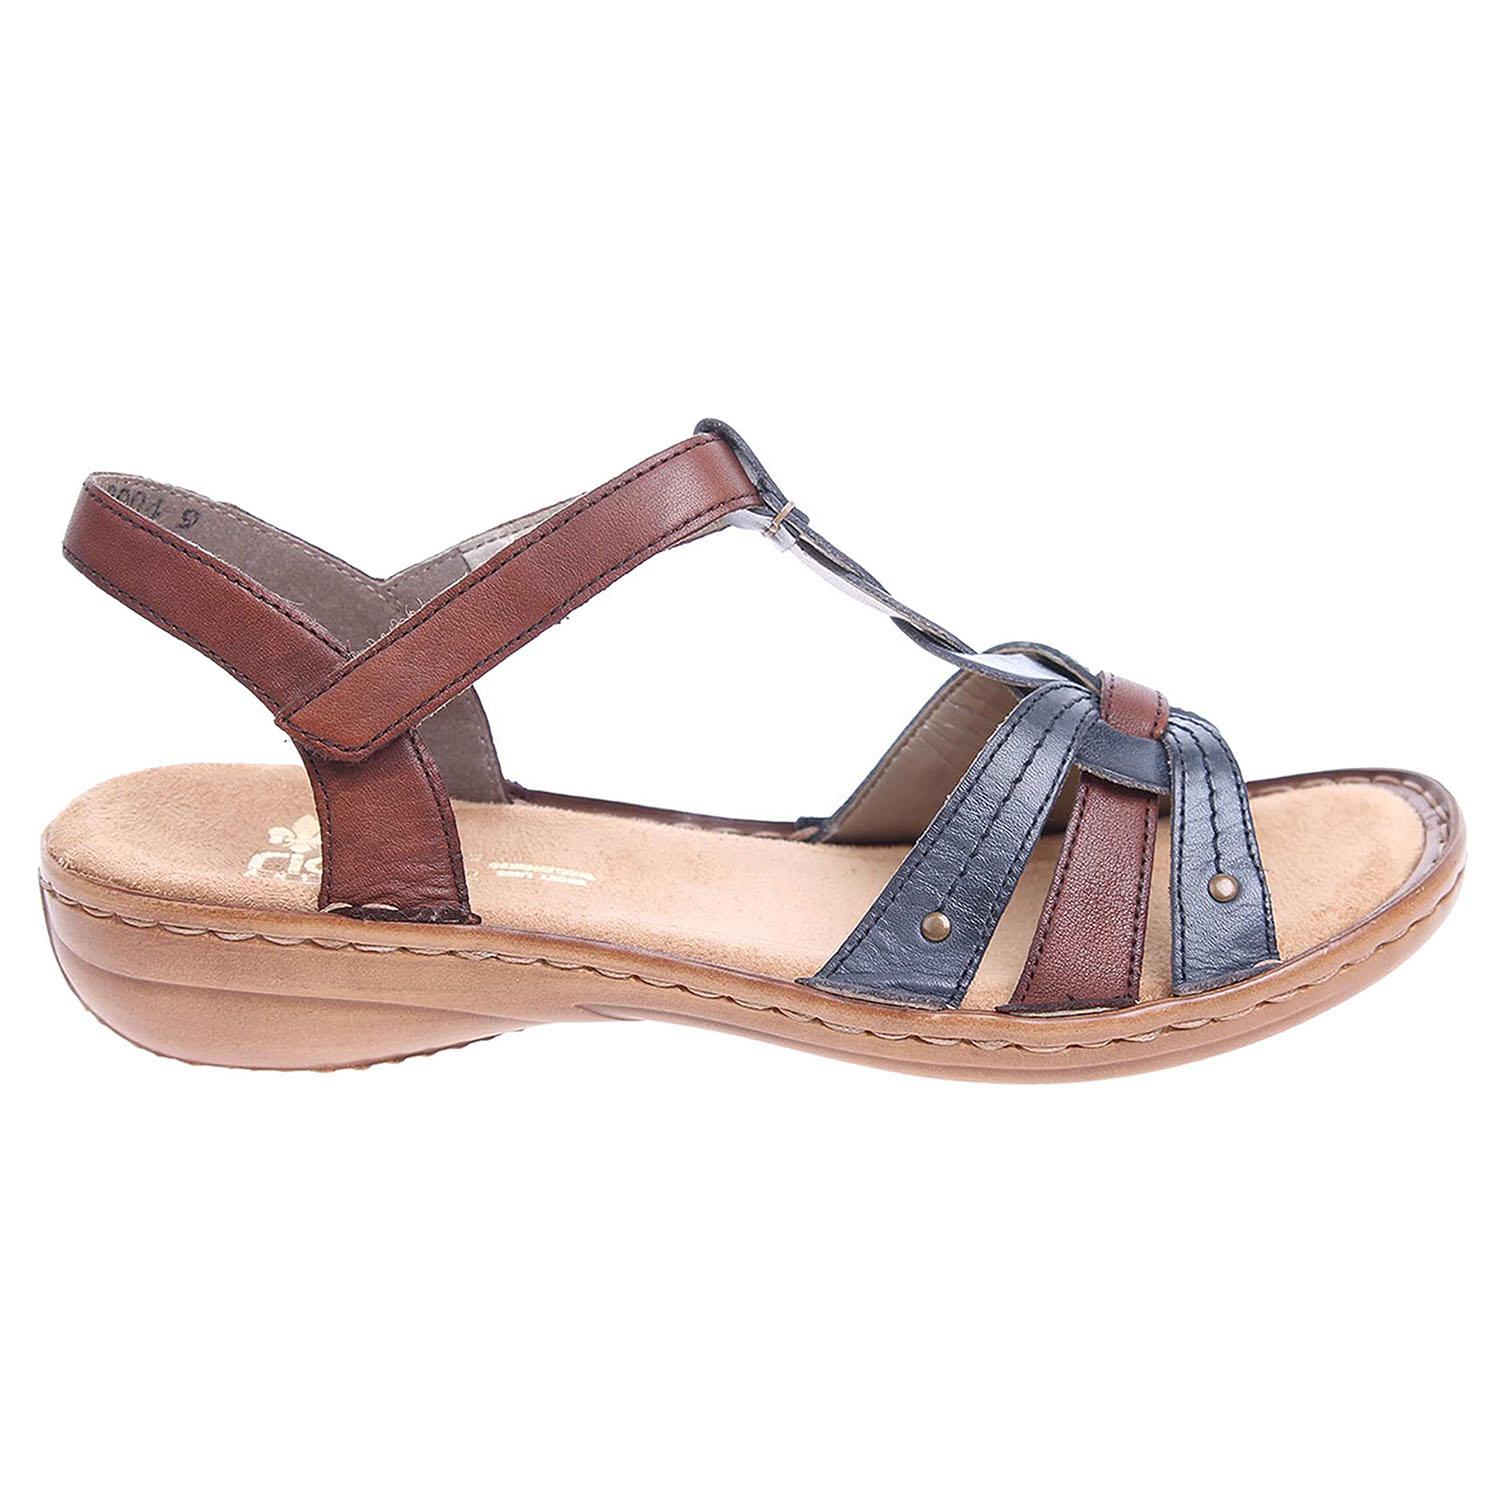 Rieker dámské sandály 60838-12 hnědá-modrá 36